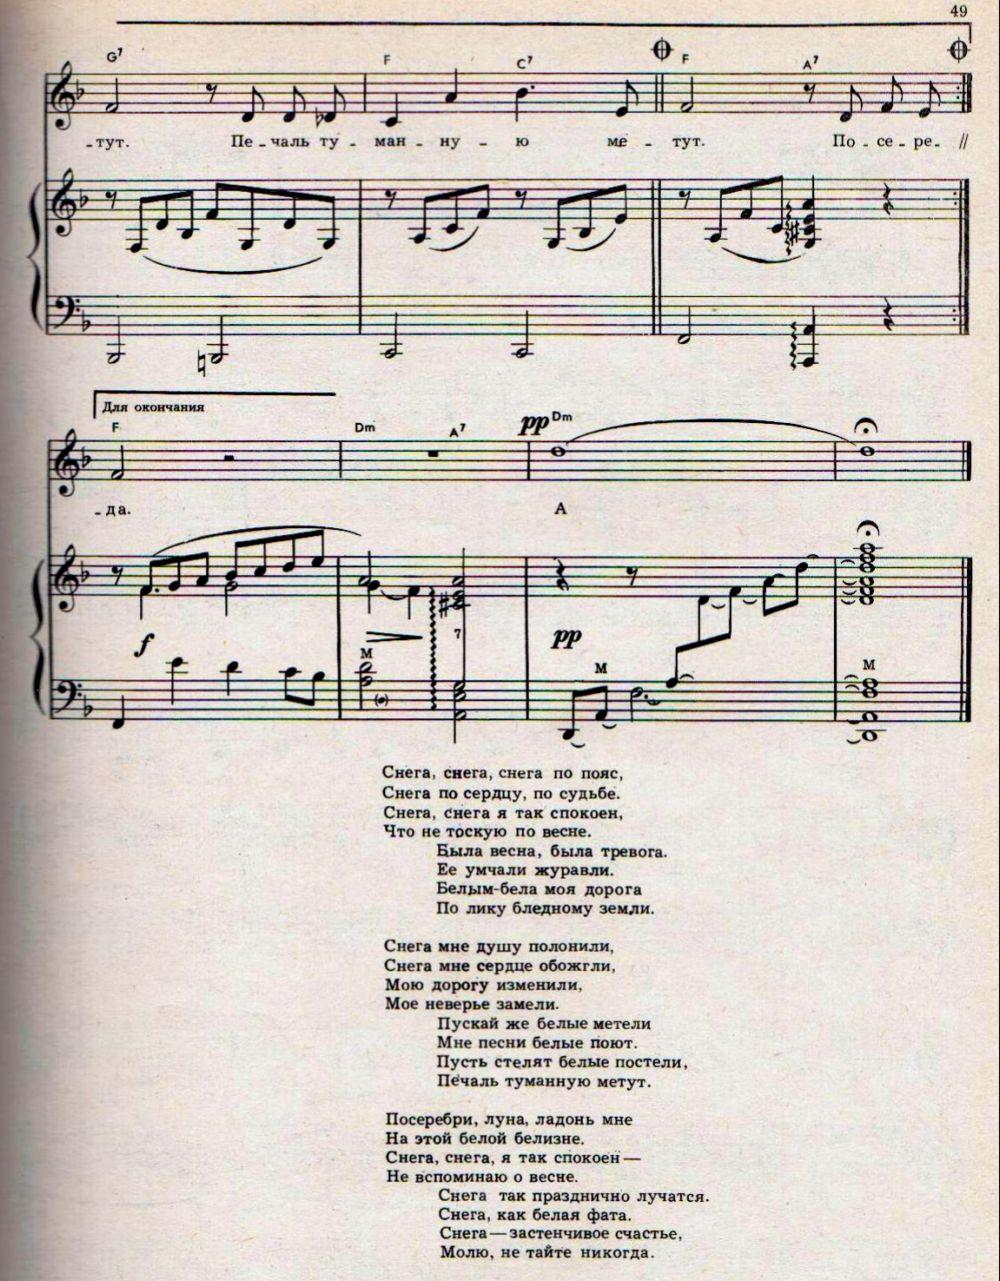 ПЕСНЯ ОЙ СНЕГ СНЕЖОК БЕЛАЯ МЕТЕЛИЦА МИНУСОВКА СКАЧАТЬ БЕСПЛАТНО